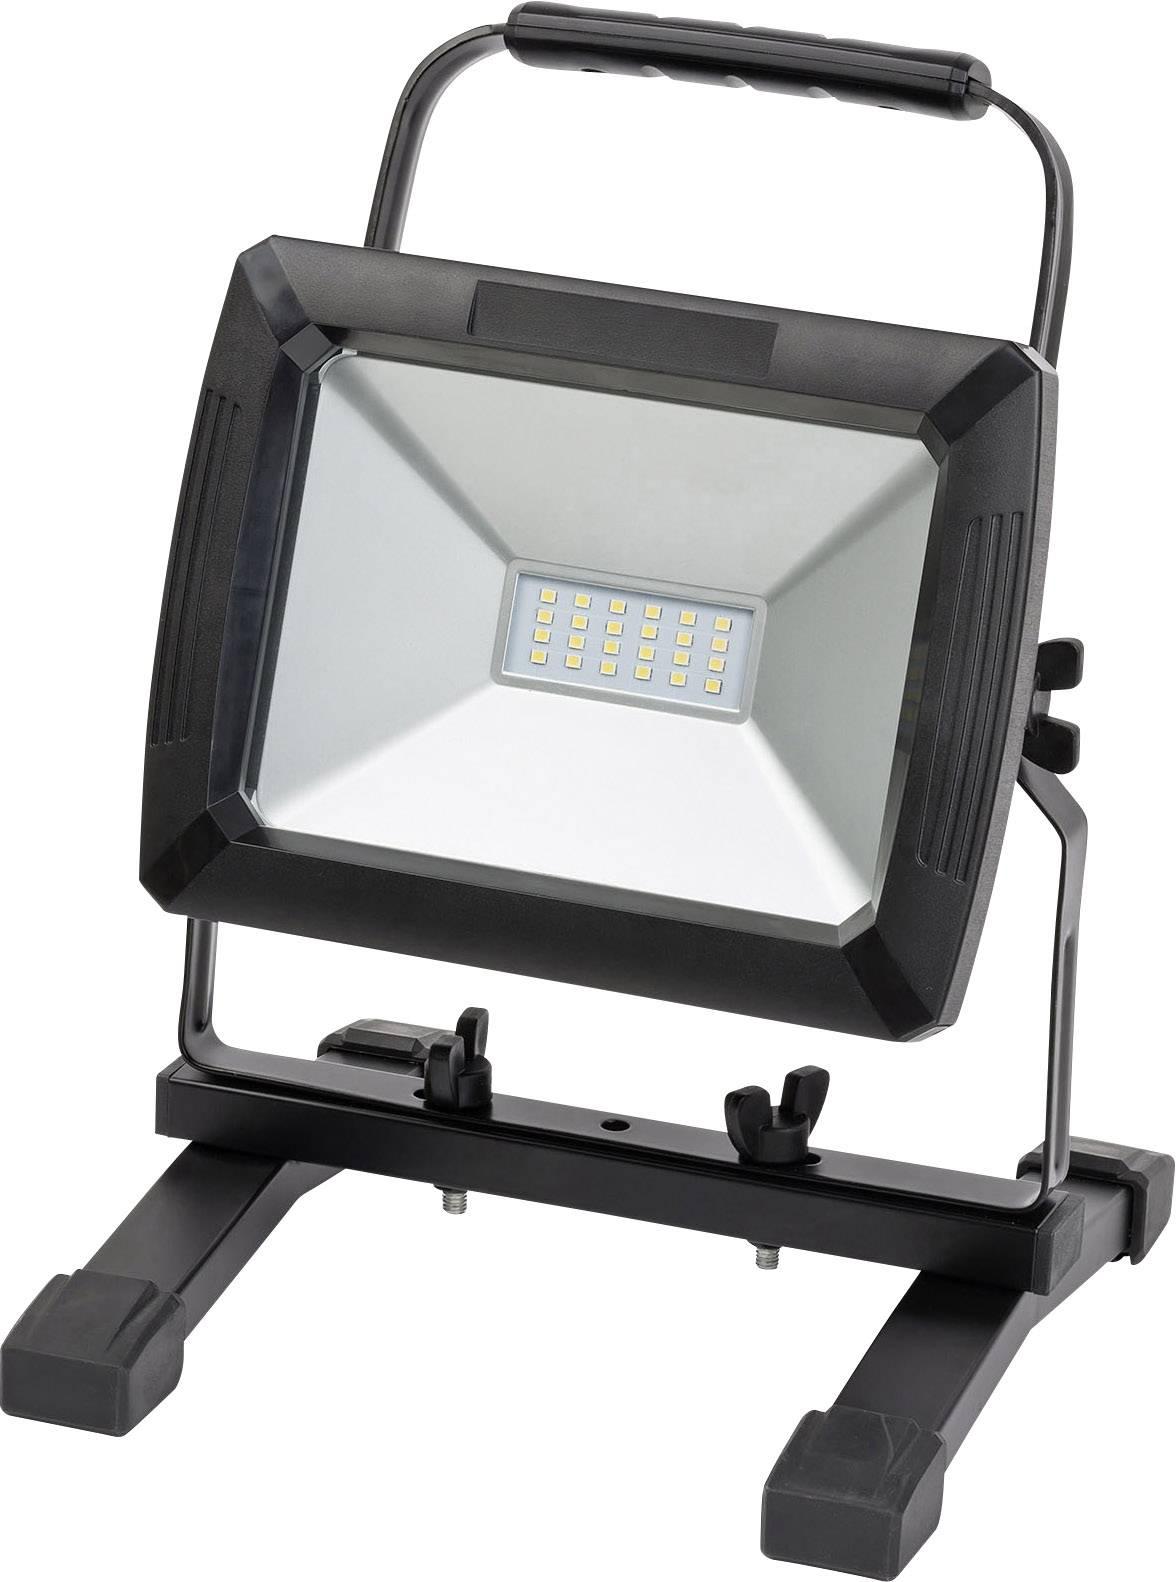 Akumulátorové LED pracovné osvetlenie a powerbank 2 v 1 Brennenstuhl 1171260211, 20 W, USB